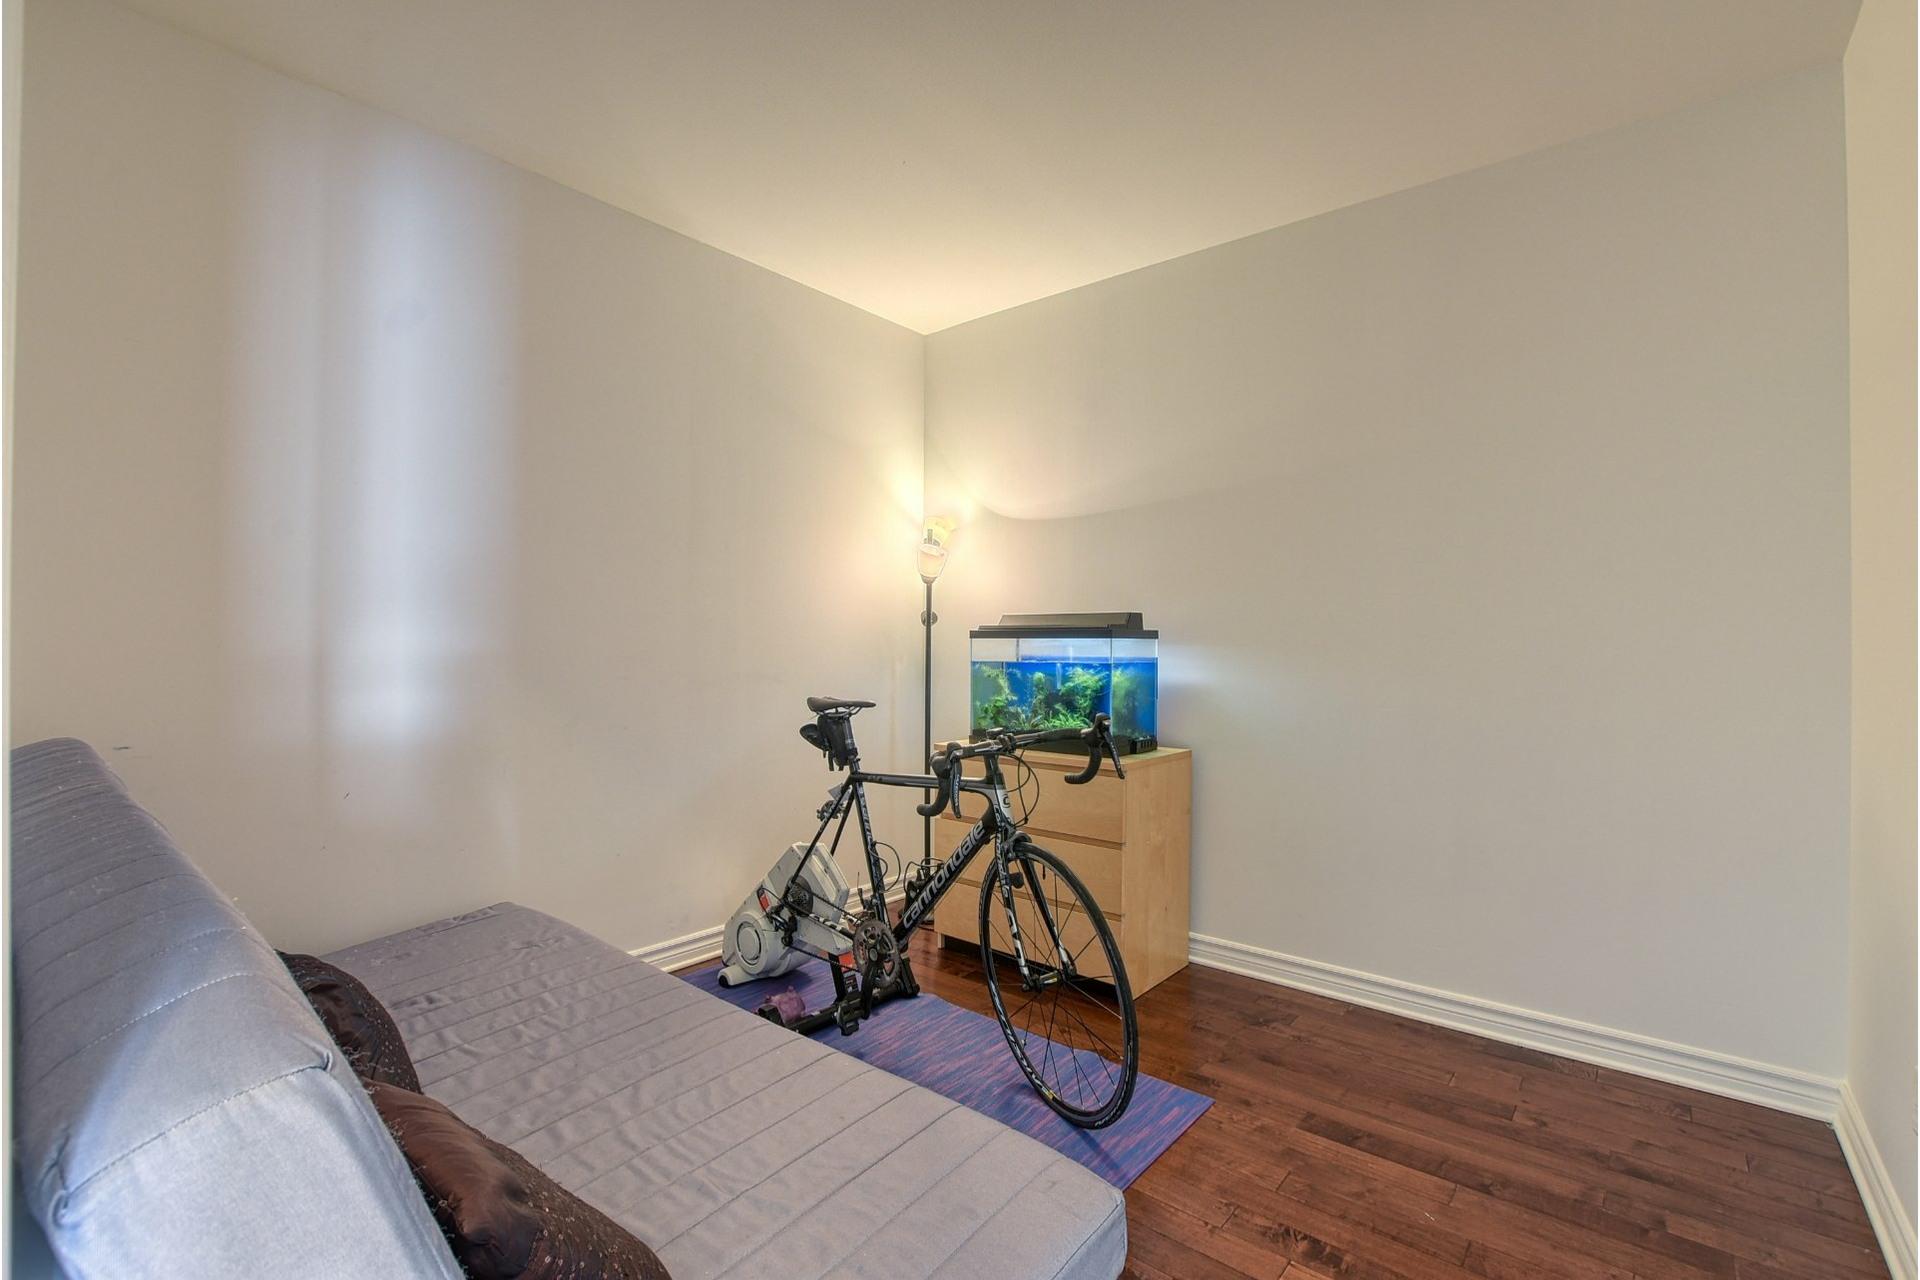 image 12 - Apartment For sale Saint-Laurent Montréal  - 7 rooms